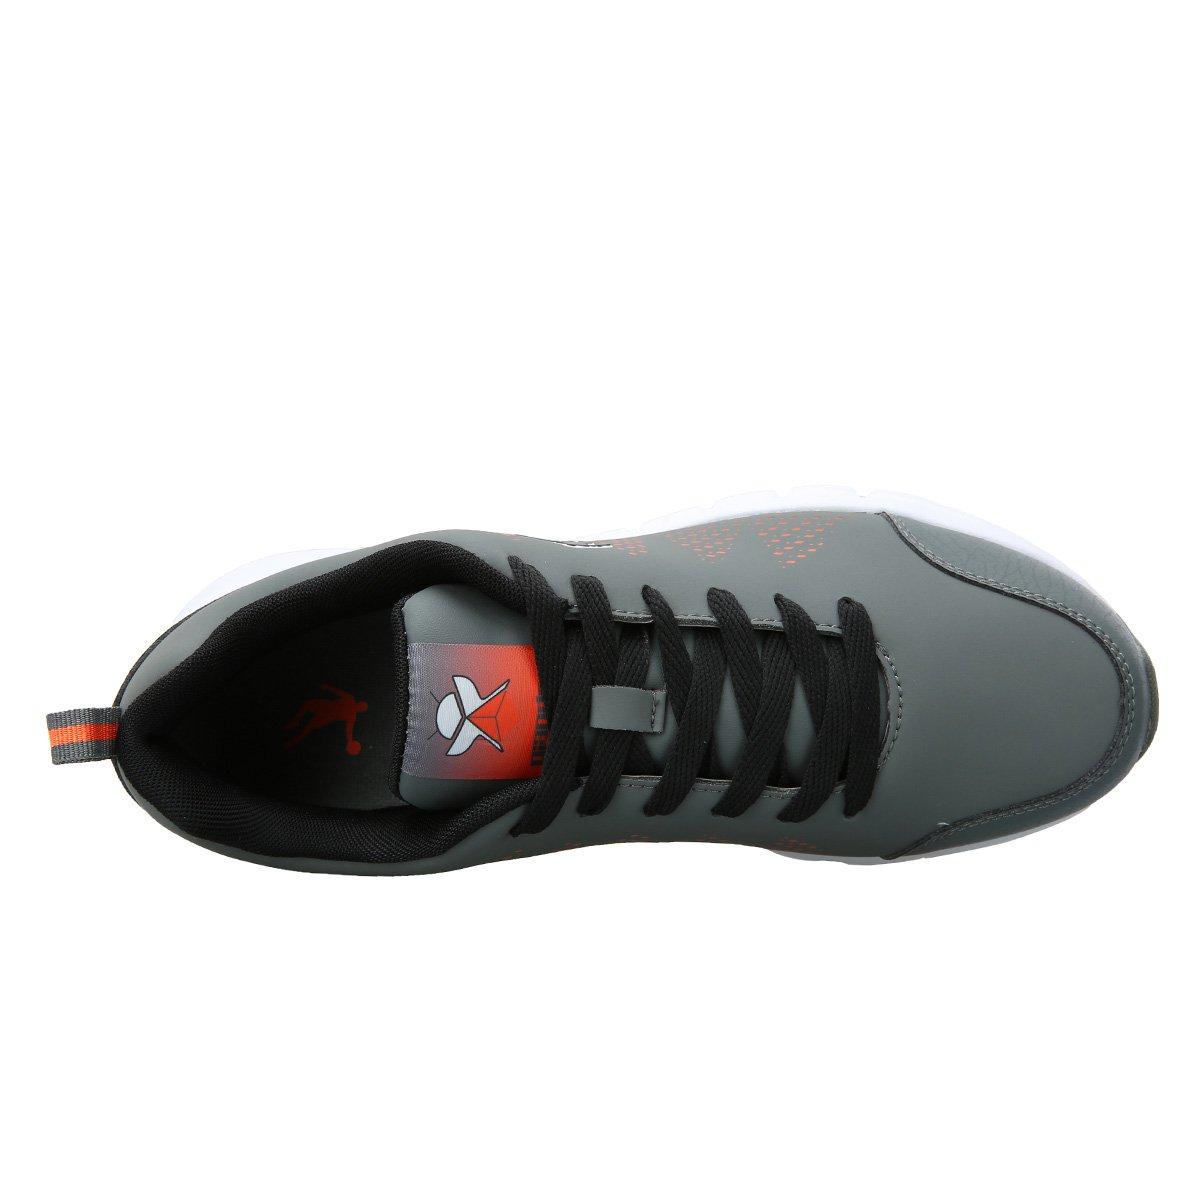 qiaodan Herren Energie Schnürschuh Sport Schuhe xm4550214